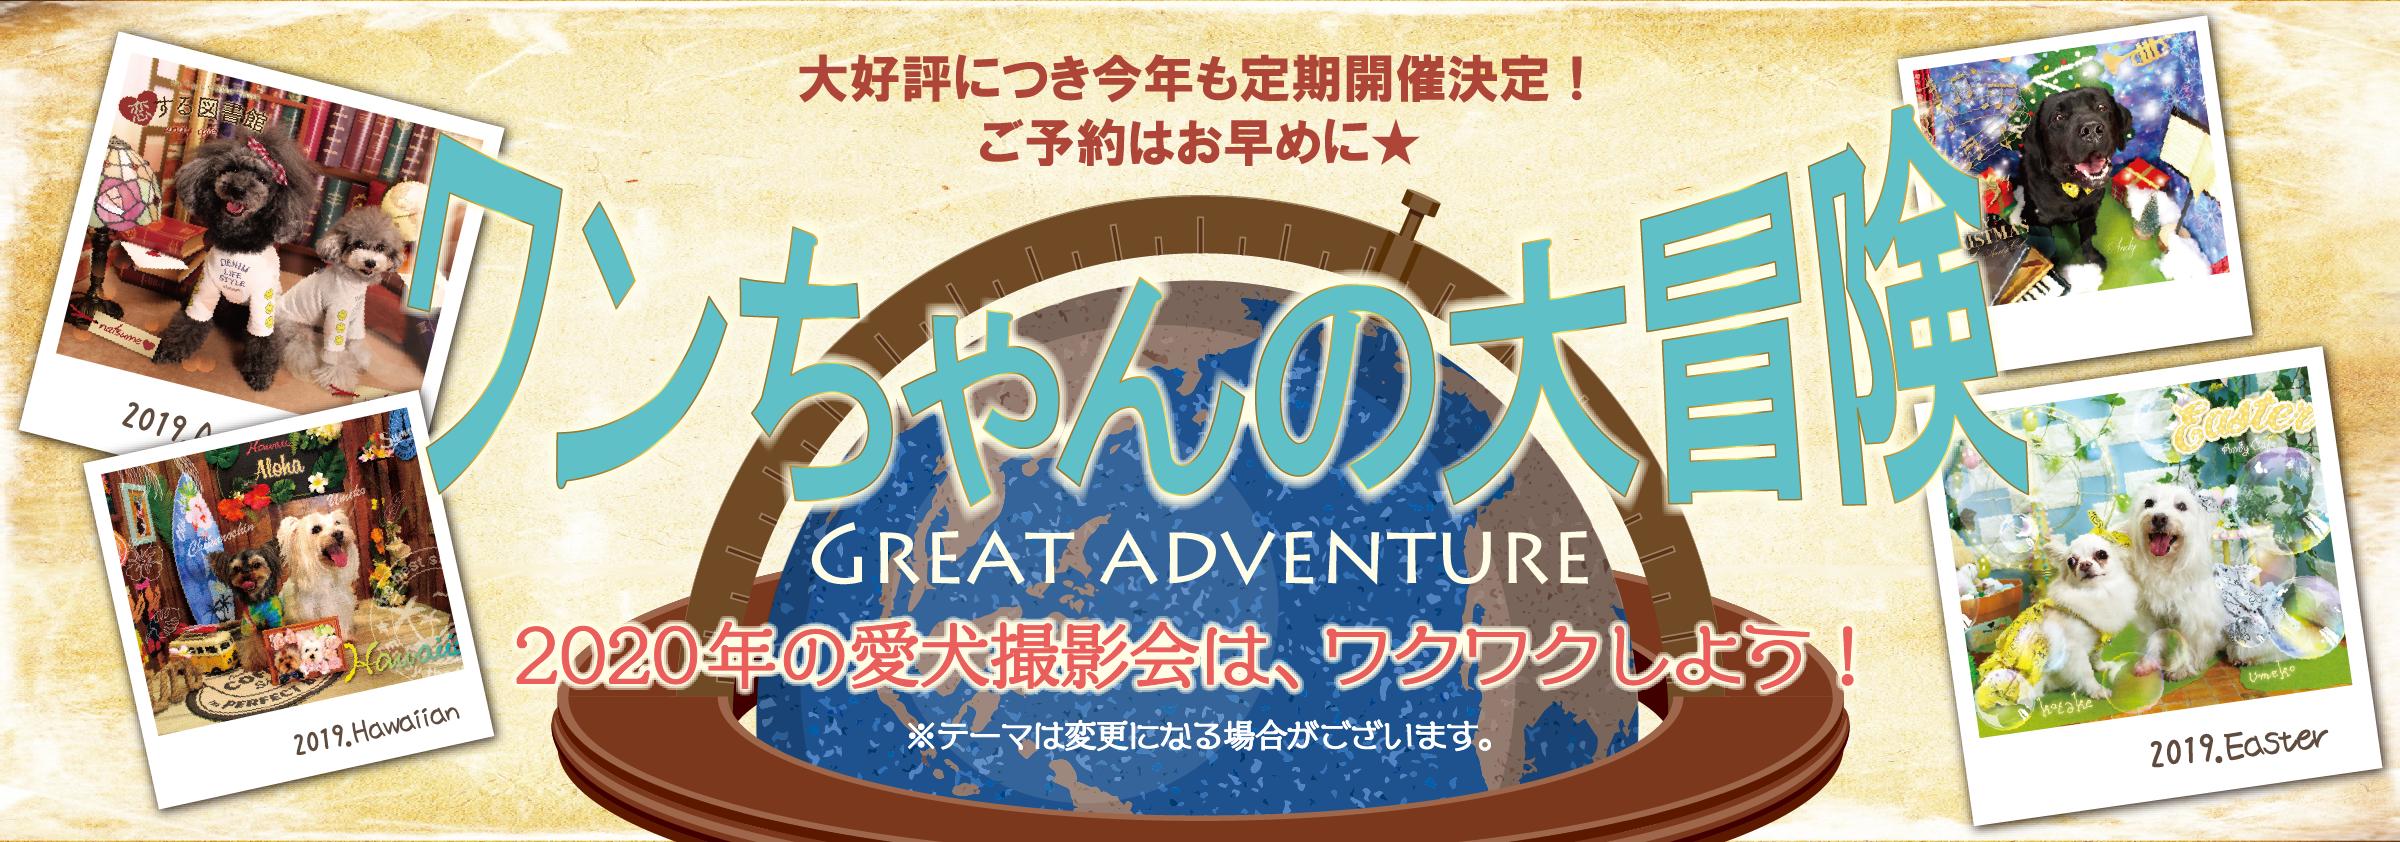 『ワンちゃんの大冒険』